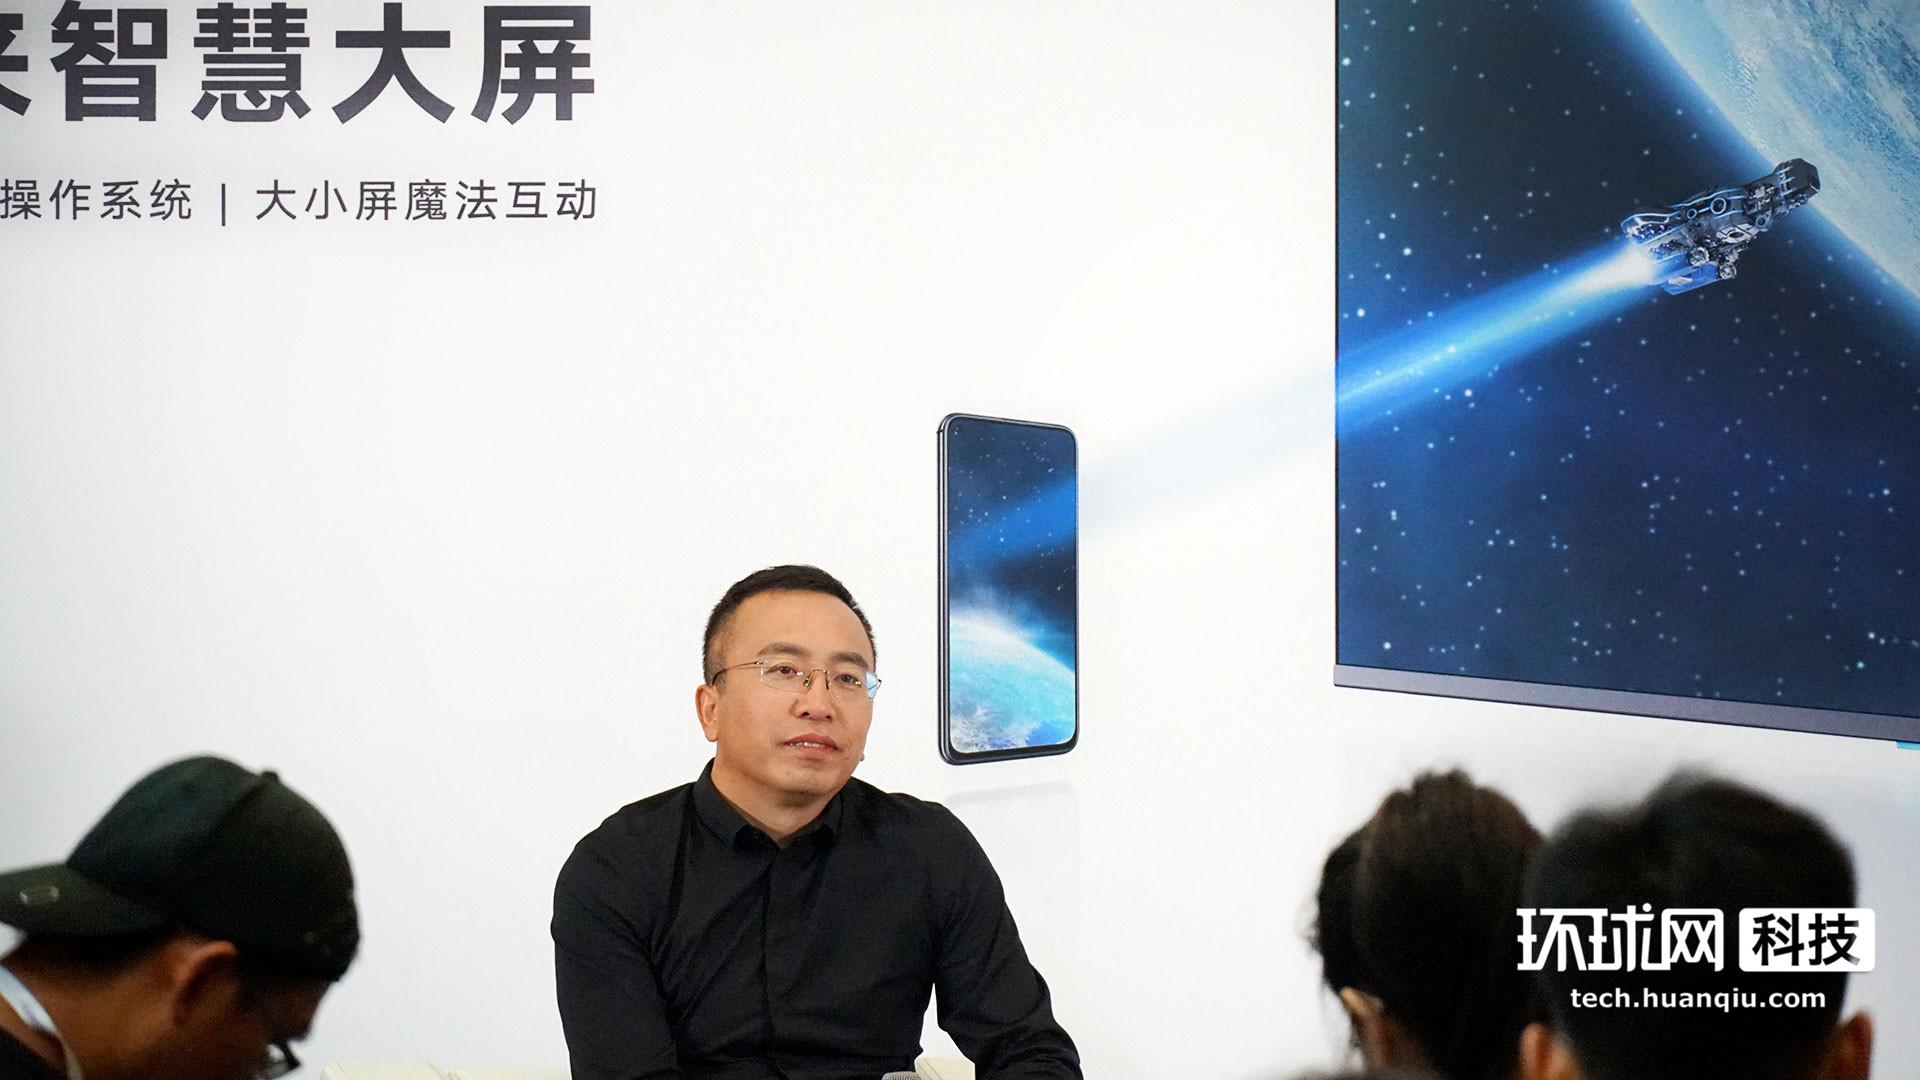 專訪榮耀總裁趙明:鴻蒙初開智慧屏,代言未來行不行?